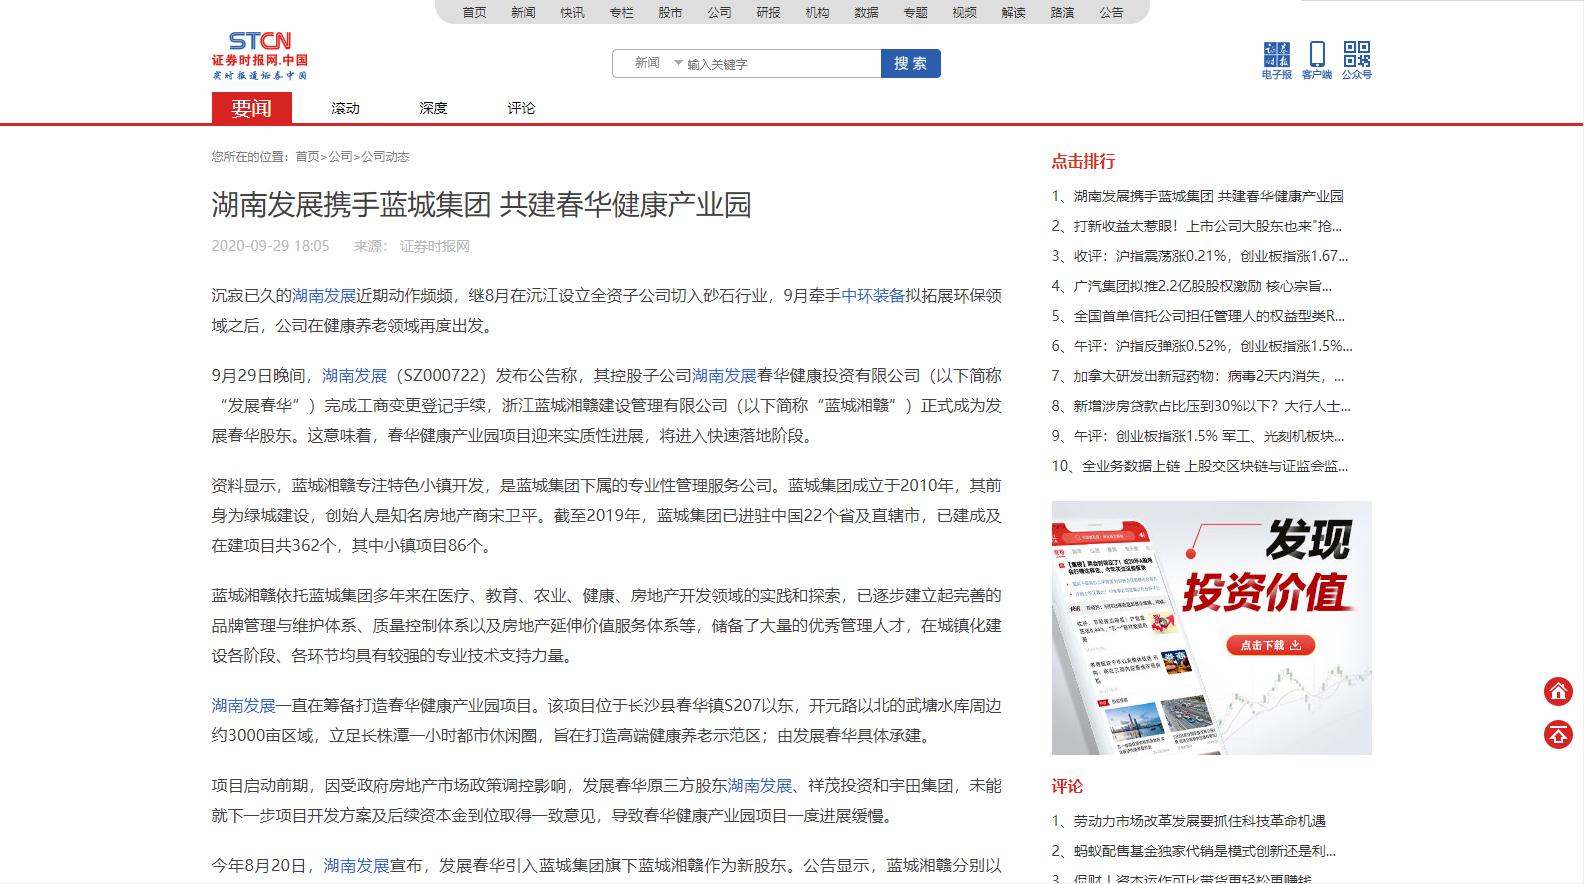 证券时报:ios雷竞技雷竞技app手机版携手蓝城集团 共建春华健康产业园